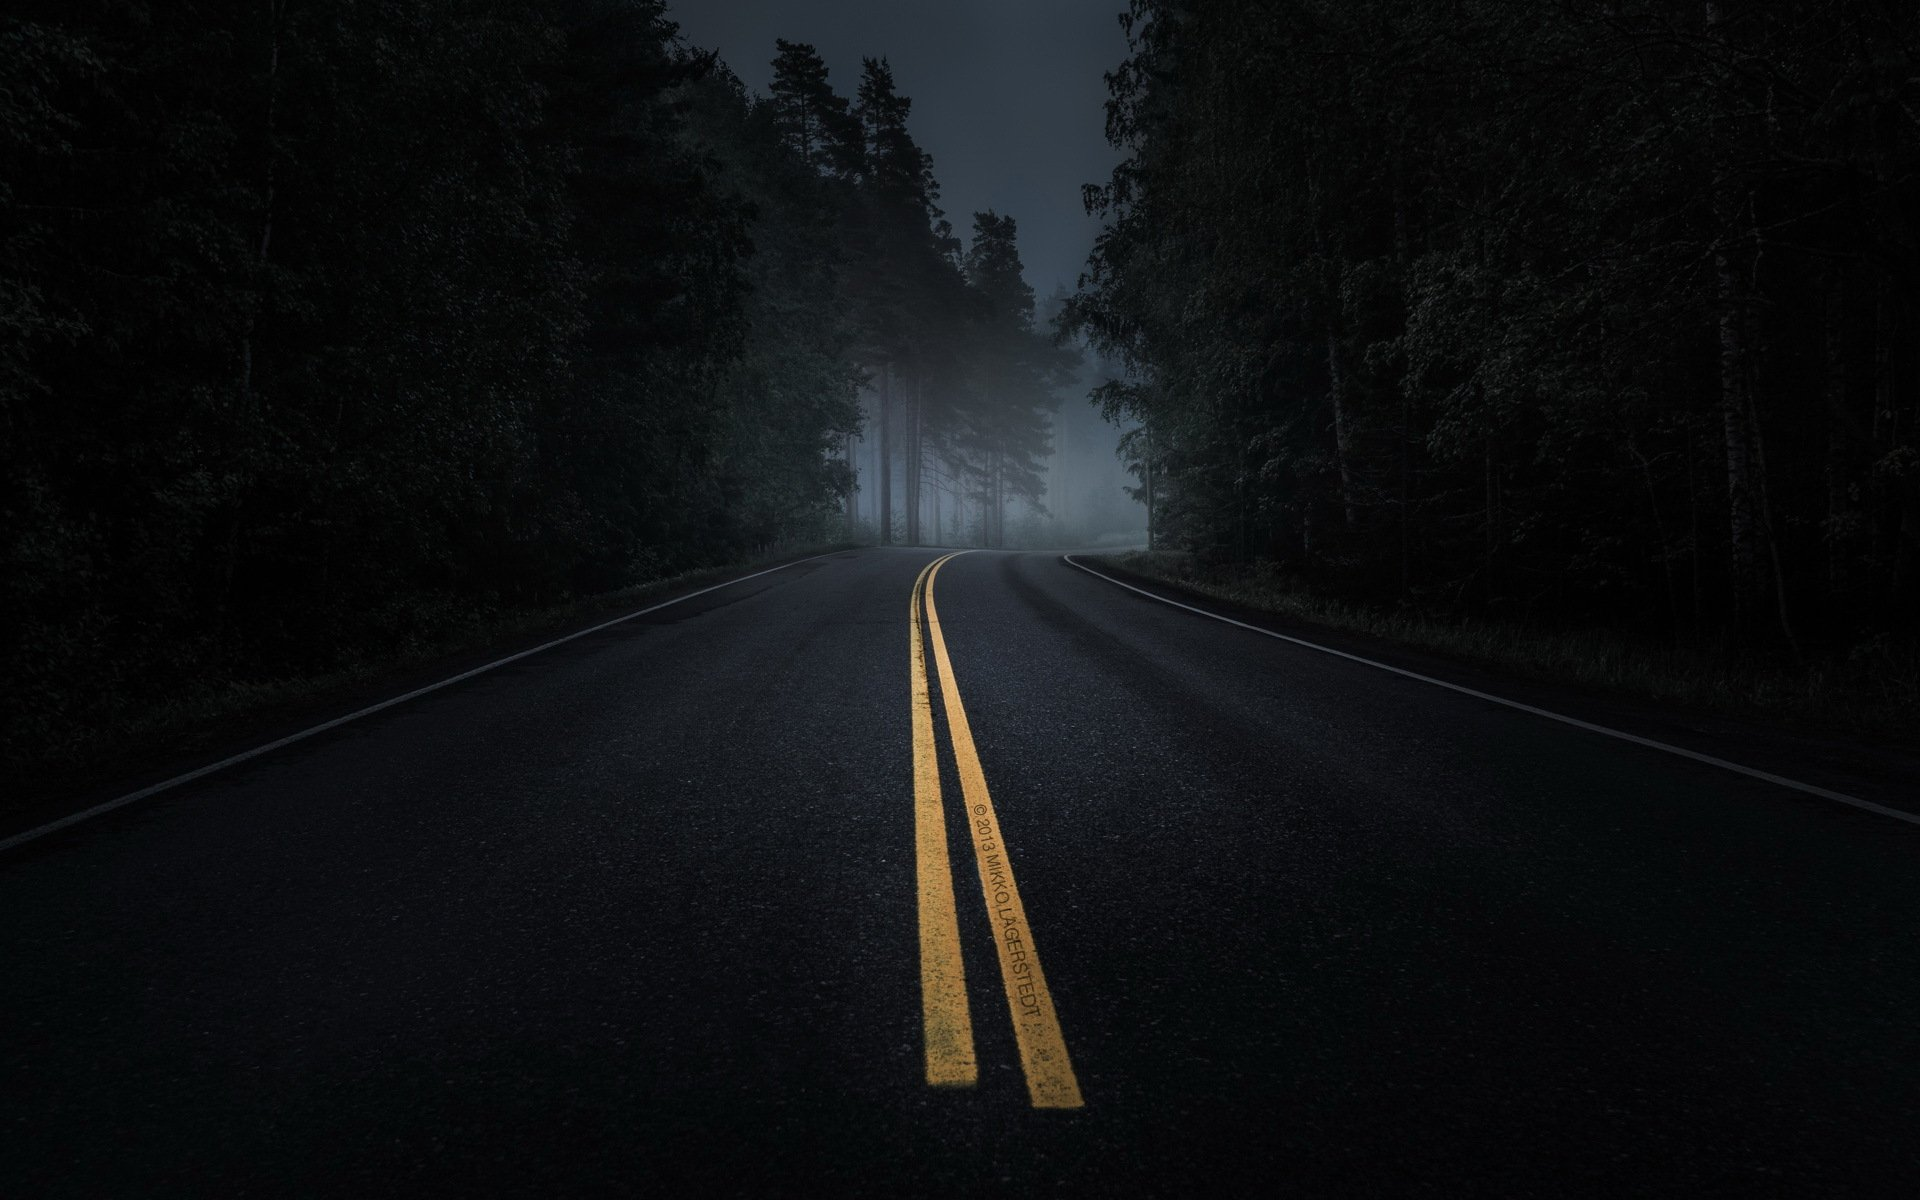 дорога ночь пейзаж HD обои для ноутбука